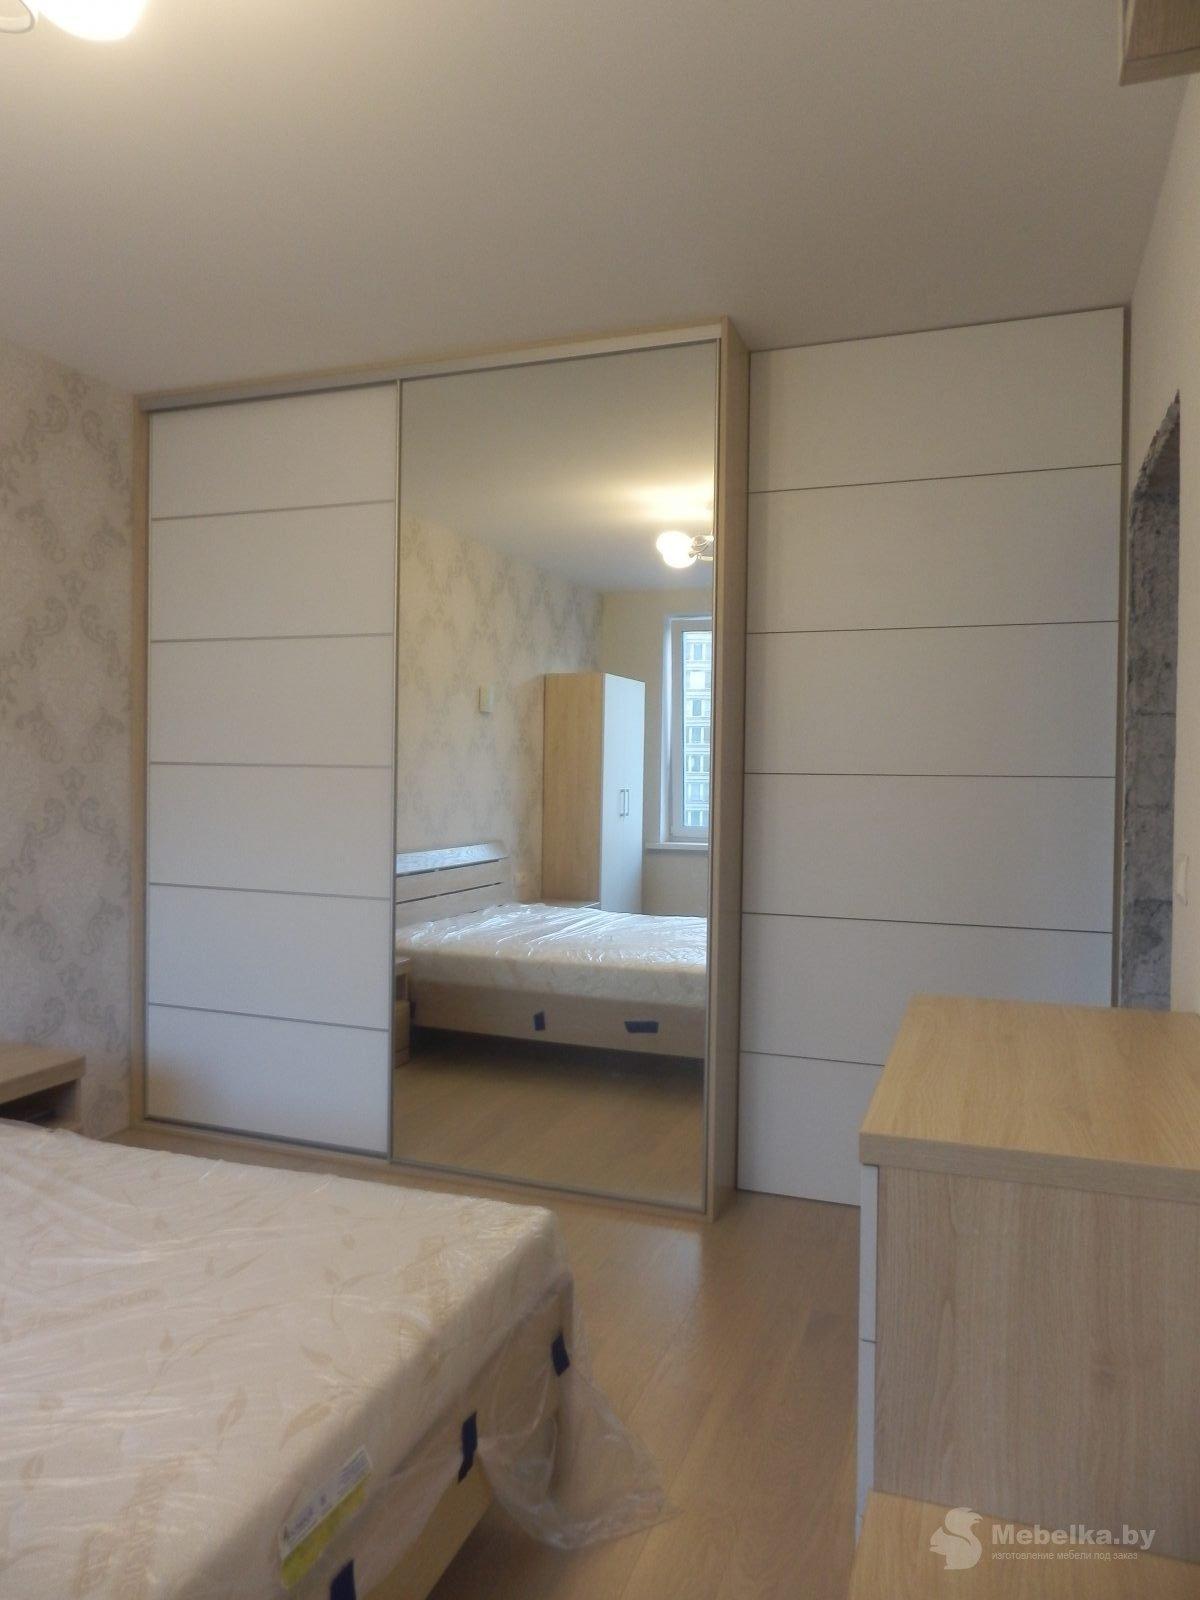 Шкаф-купе в спальне, третий вид